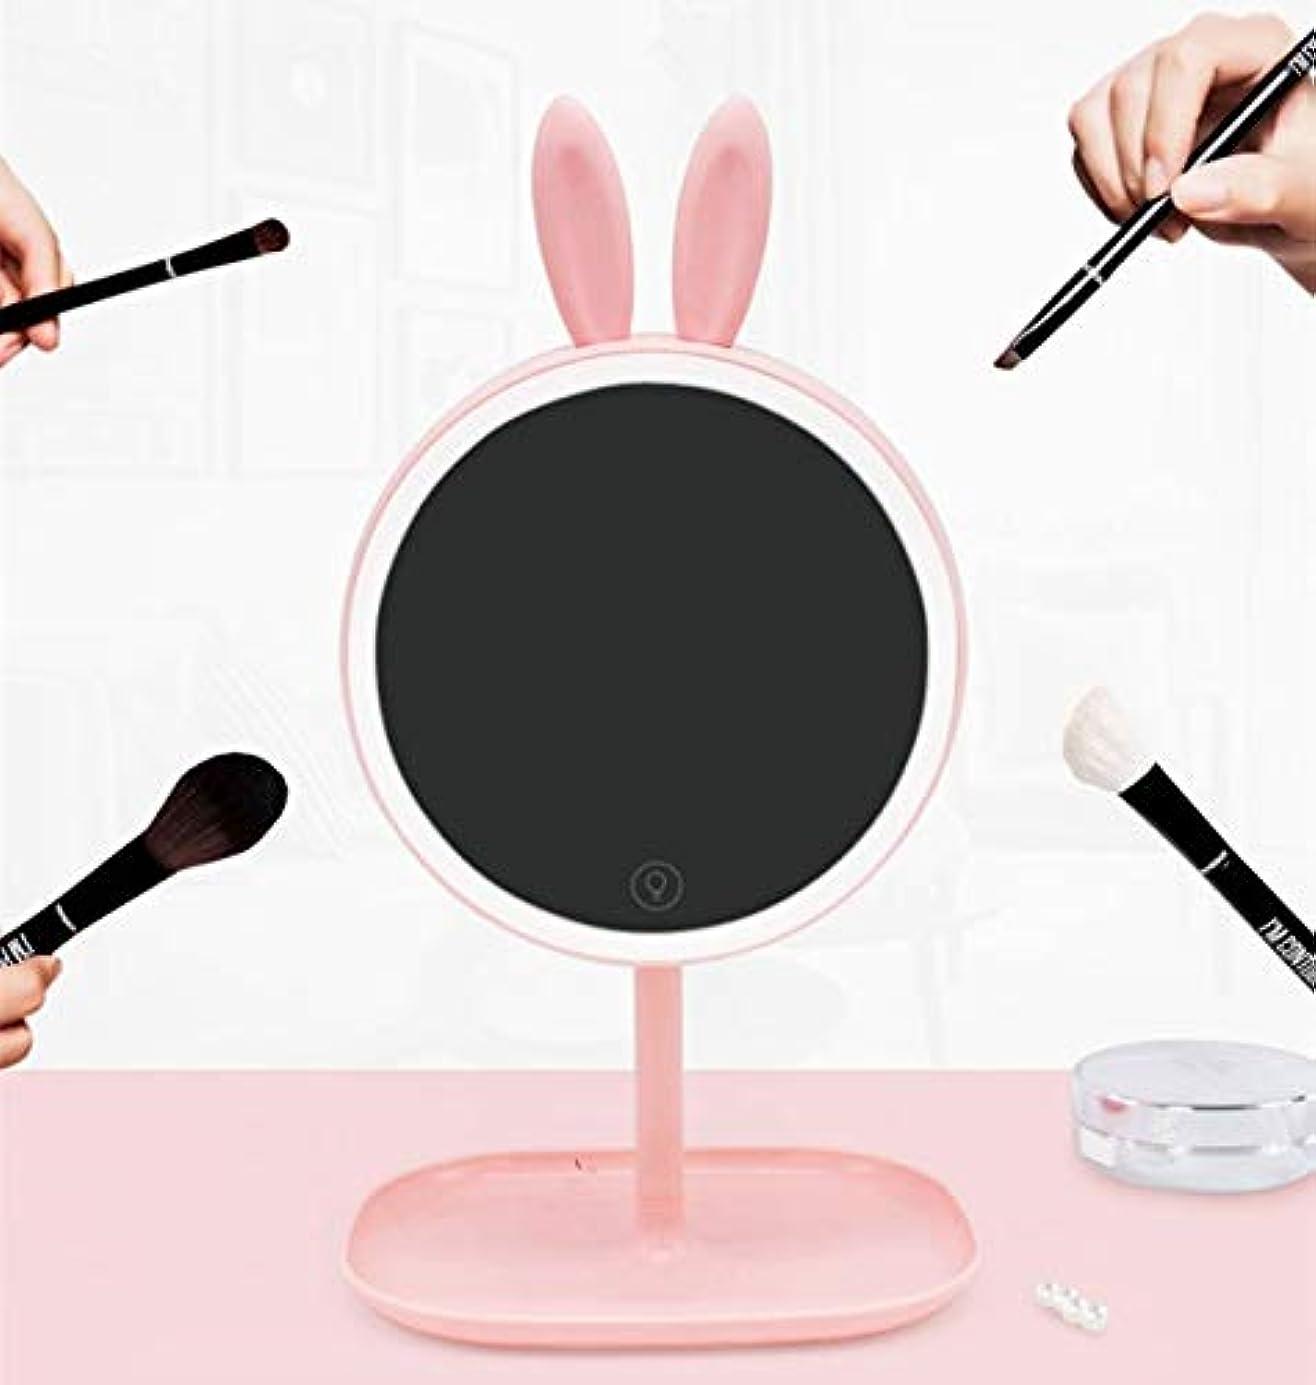 グレーアクセスできない淡いLED化粧鏡 化粧ミラー 鏡 女優ミラー led付き 明るさ調節可能 充電式 収納 自然光 柔らかい光 折りたたみ式 内蔵リチウム電池 (ピンク)